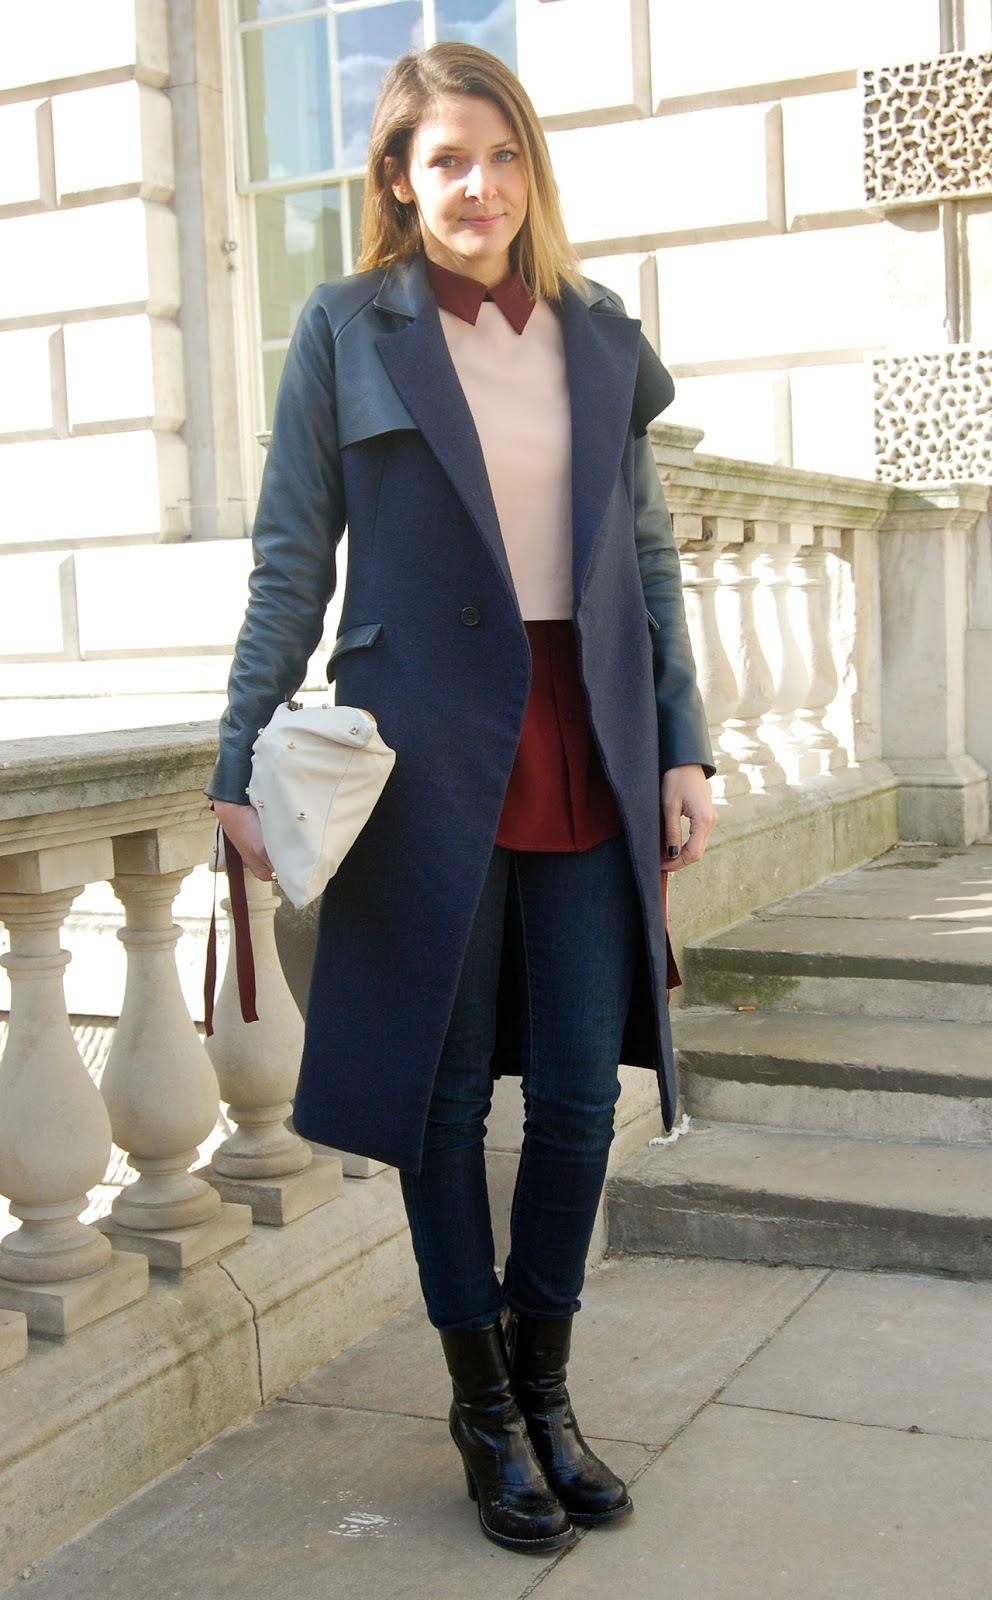 Herbst Outfit für die kalten Tagen - blauen Mantel kombinieren